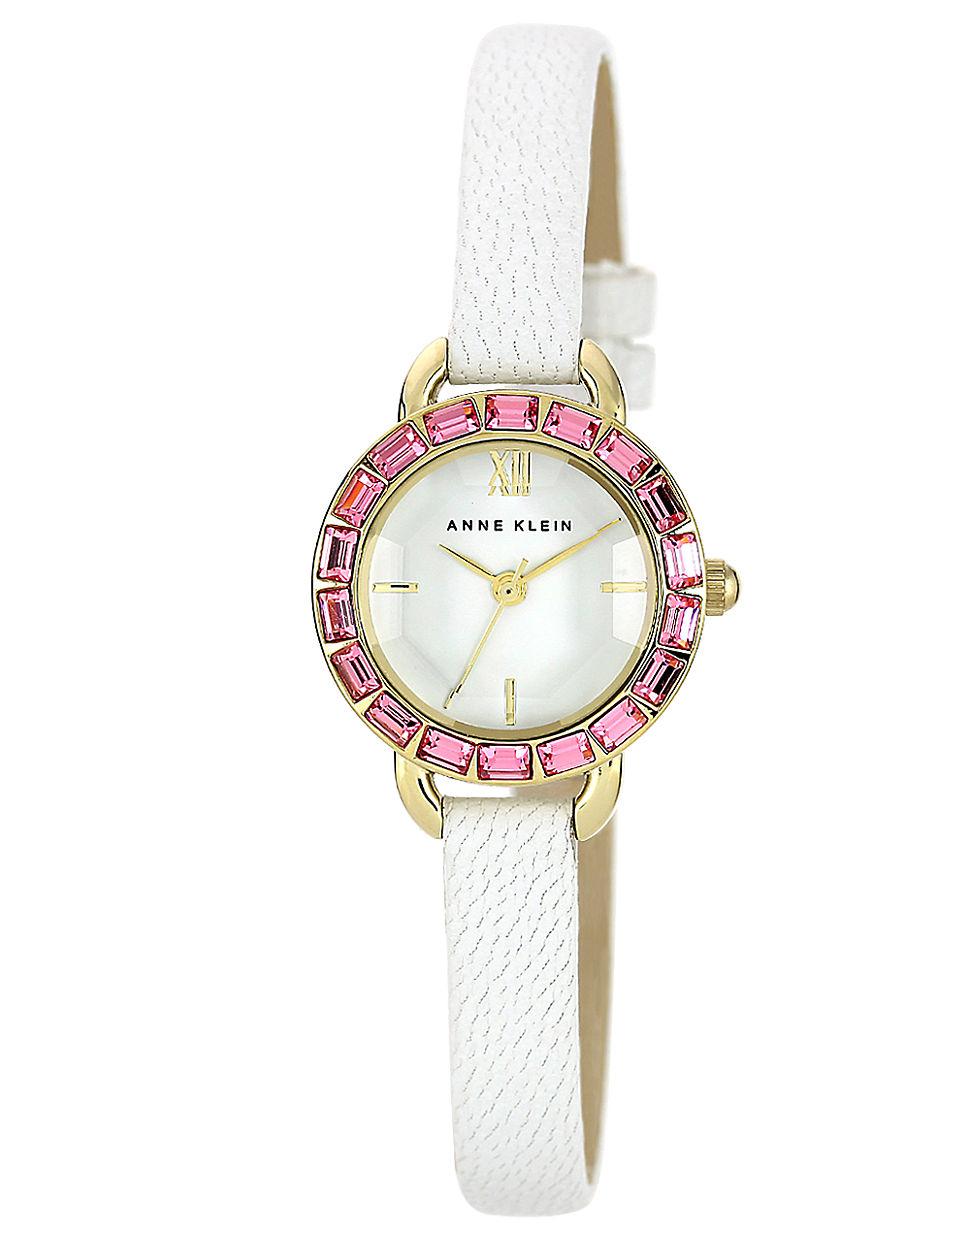 Anne klein ladies pink swarovski crystal white strap watch in white lyst for Anne klein swarovski crystals